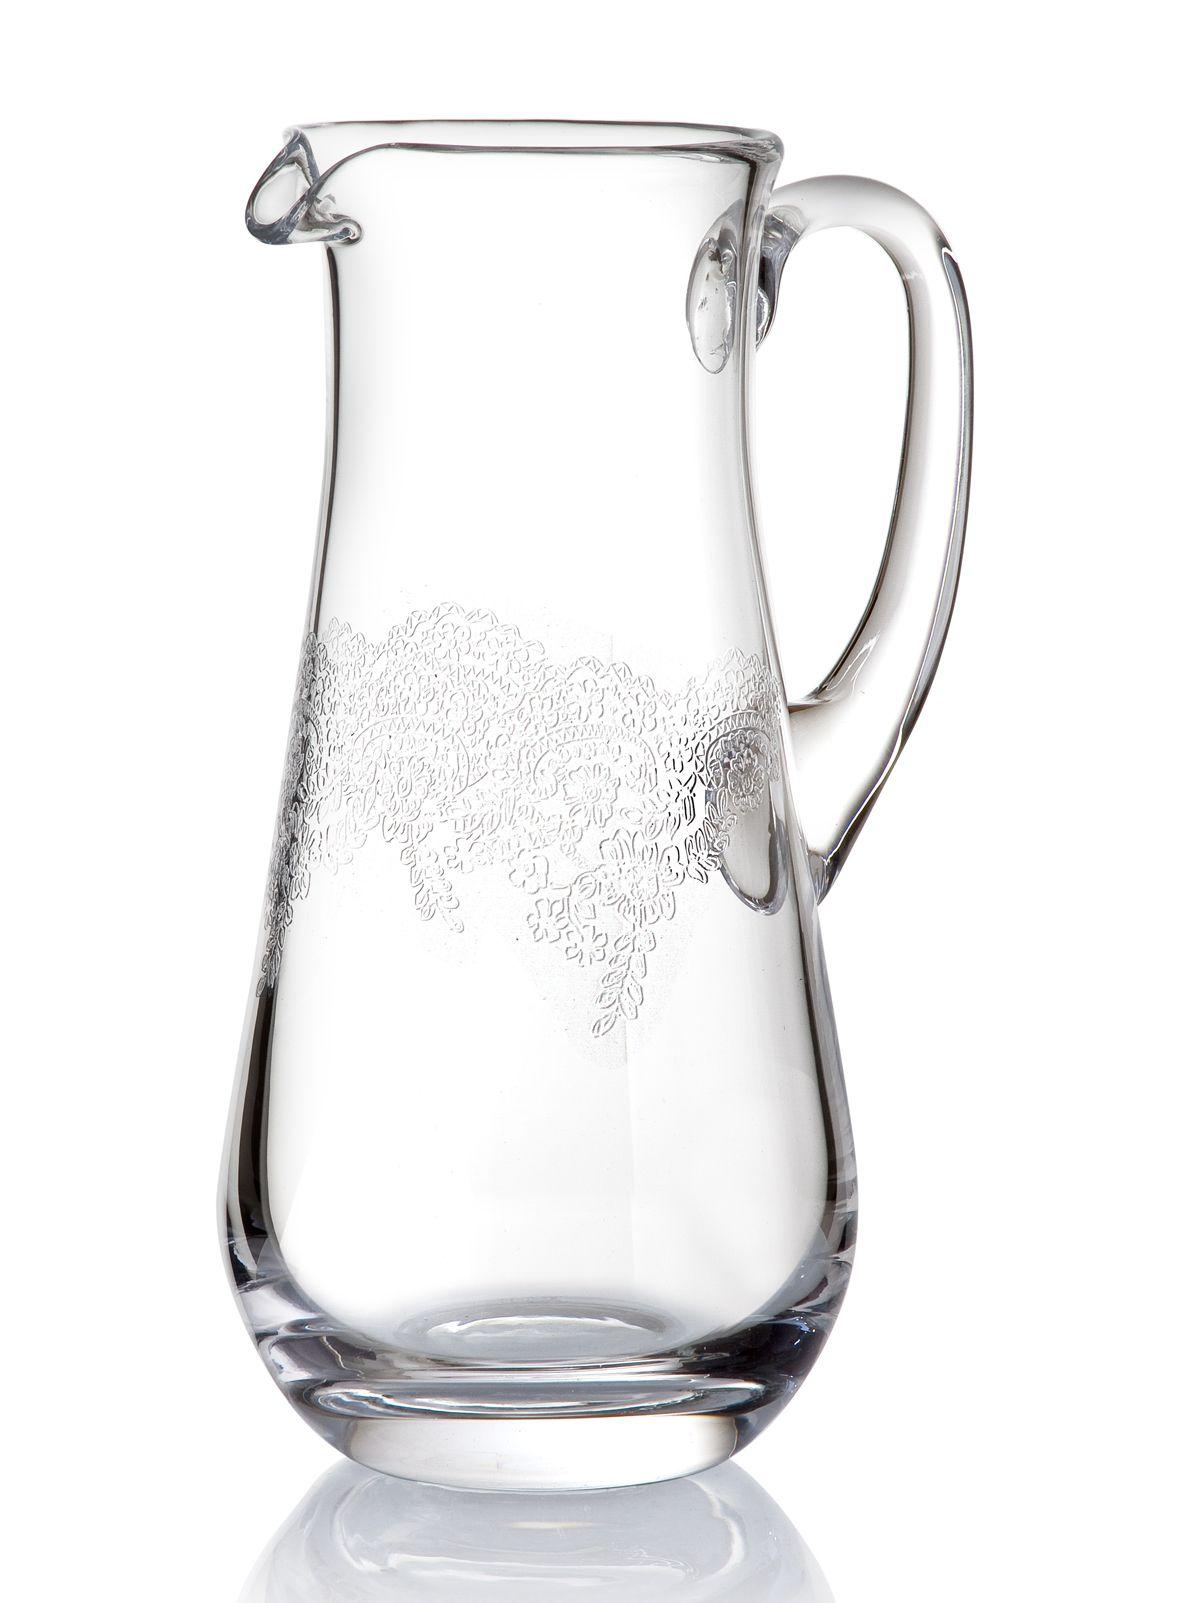 grace sürahi  water pitcher bernardo tabledesign glass  magic  - grace sürahi  water pitcher bernardo tabledesign glass